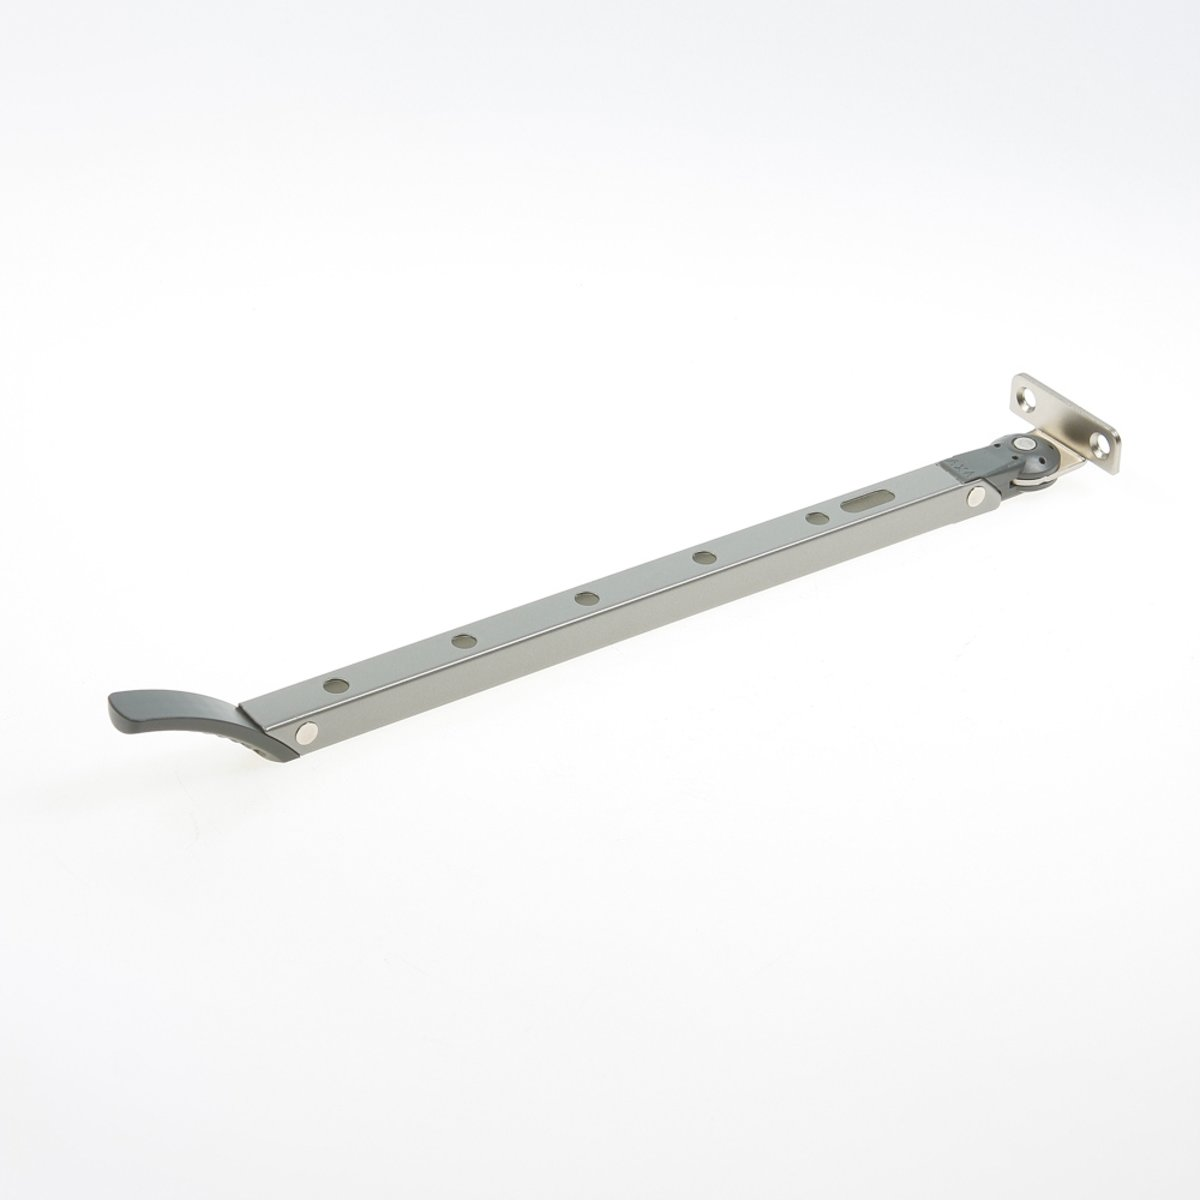 Axa Raamuitzetter Habilis lengte 355mm buitendraaiend grijs voor draairaam smal kozijnhout 2635-31-49 (Prijs per 2 stuks)